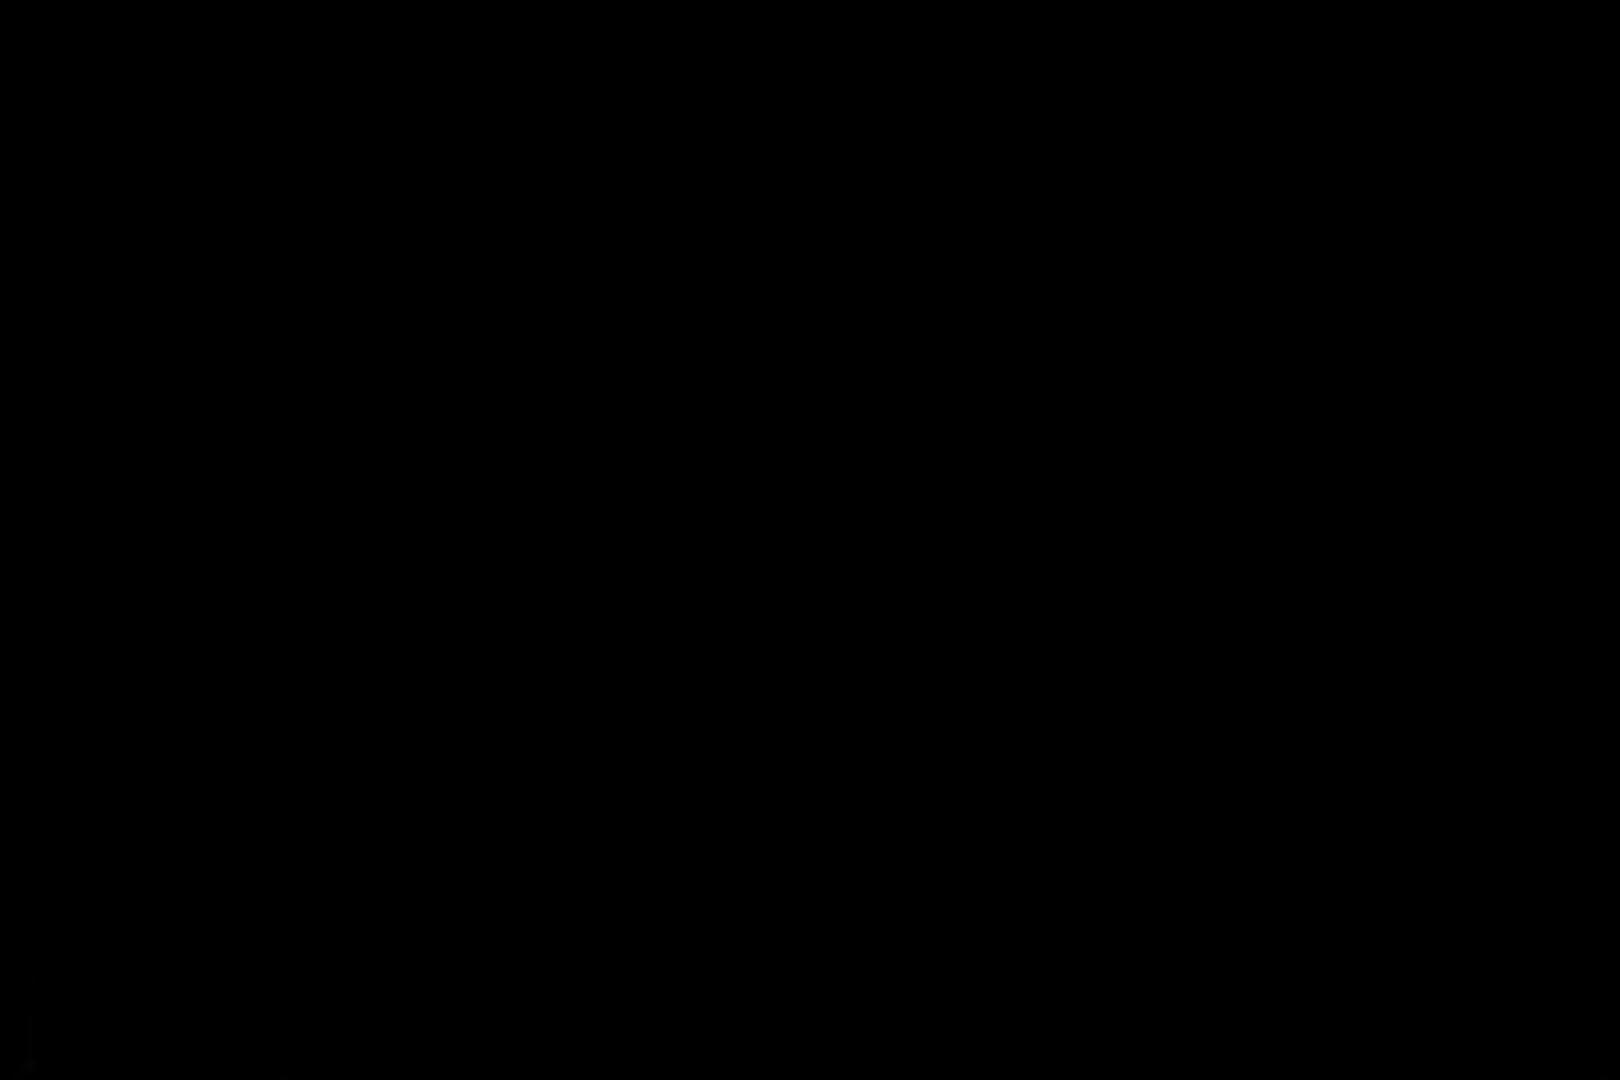 三ツ星シリーズ!!陰間茶屋独占!!第二弾!!イケメン羞恥心File.06 イケメンのセックス   三ツ星シリーズ  9枚 7